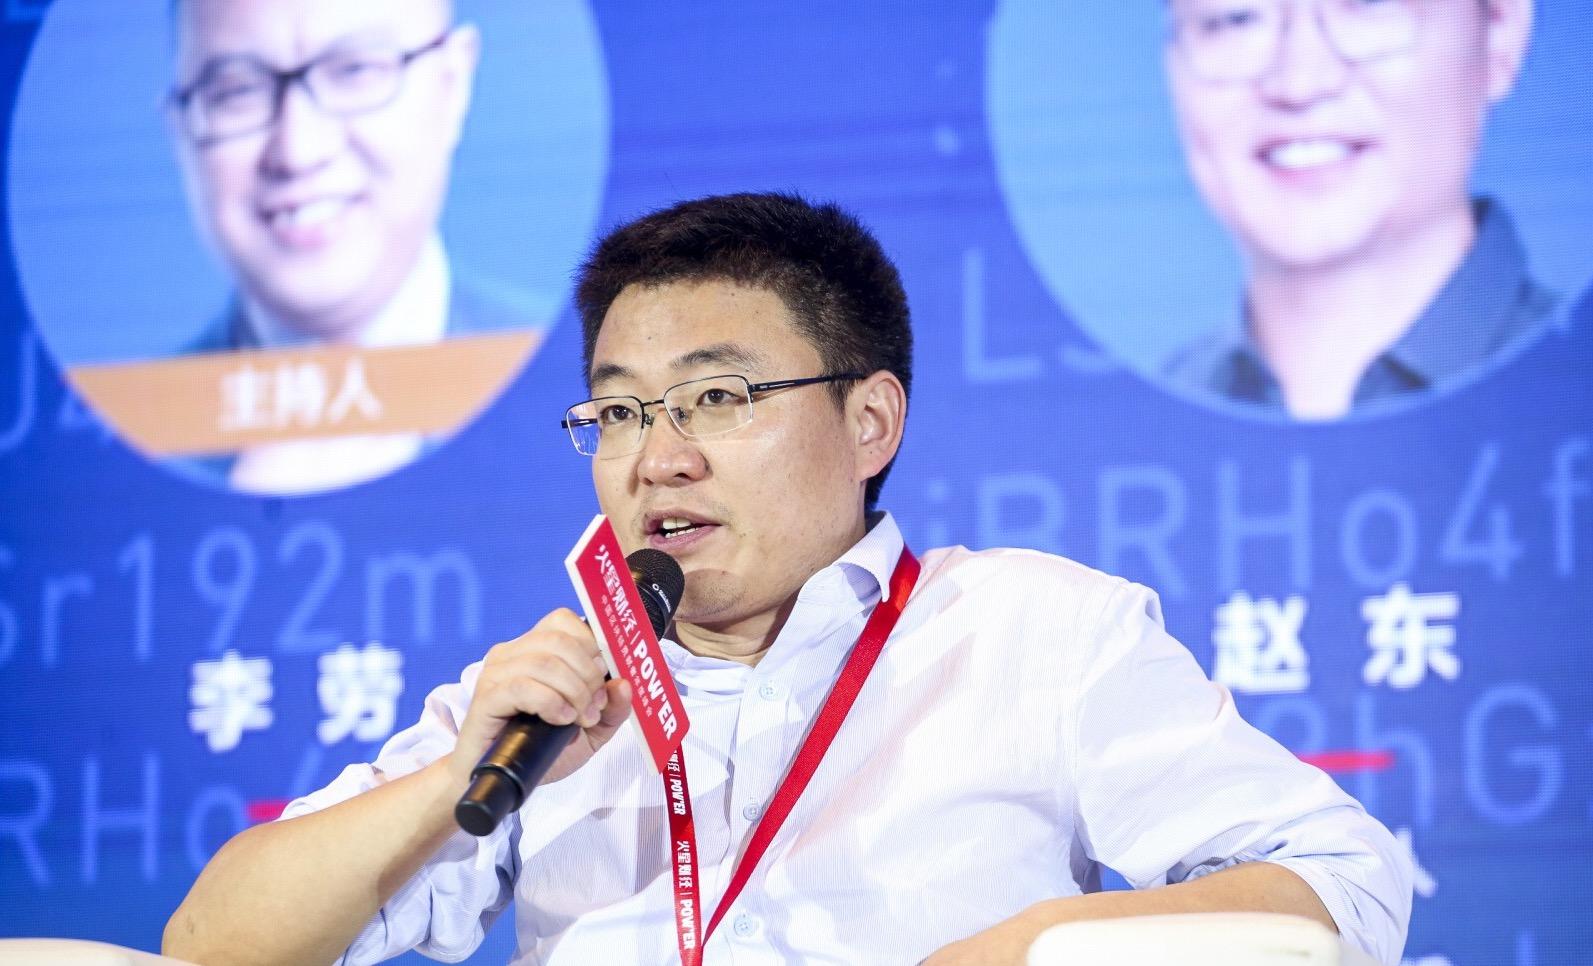 Zhao Dong